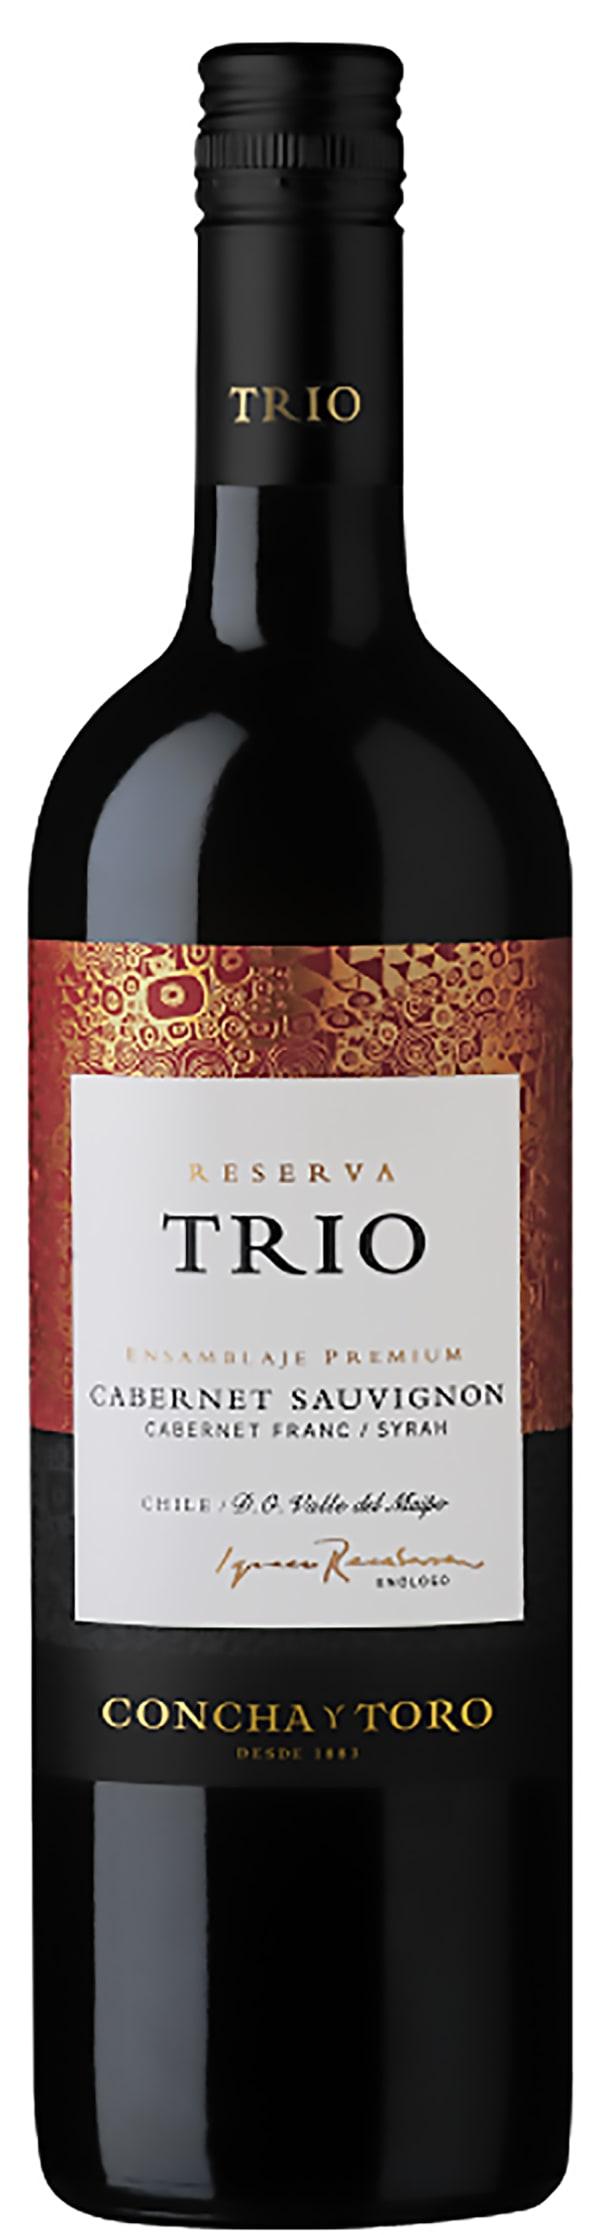 Trio Cabernet Sauvignon Cabernet Franc Syrah 2018